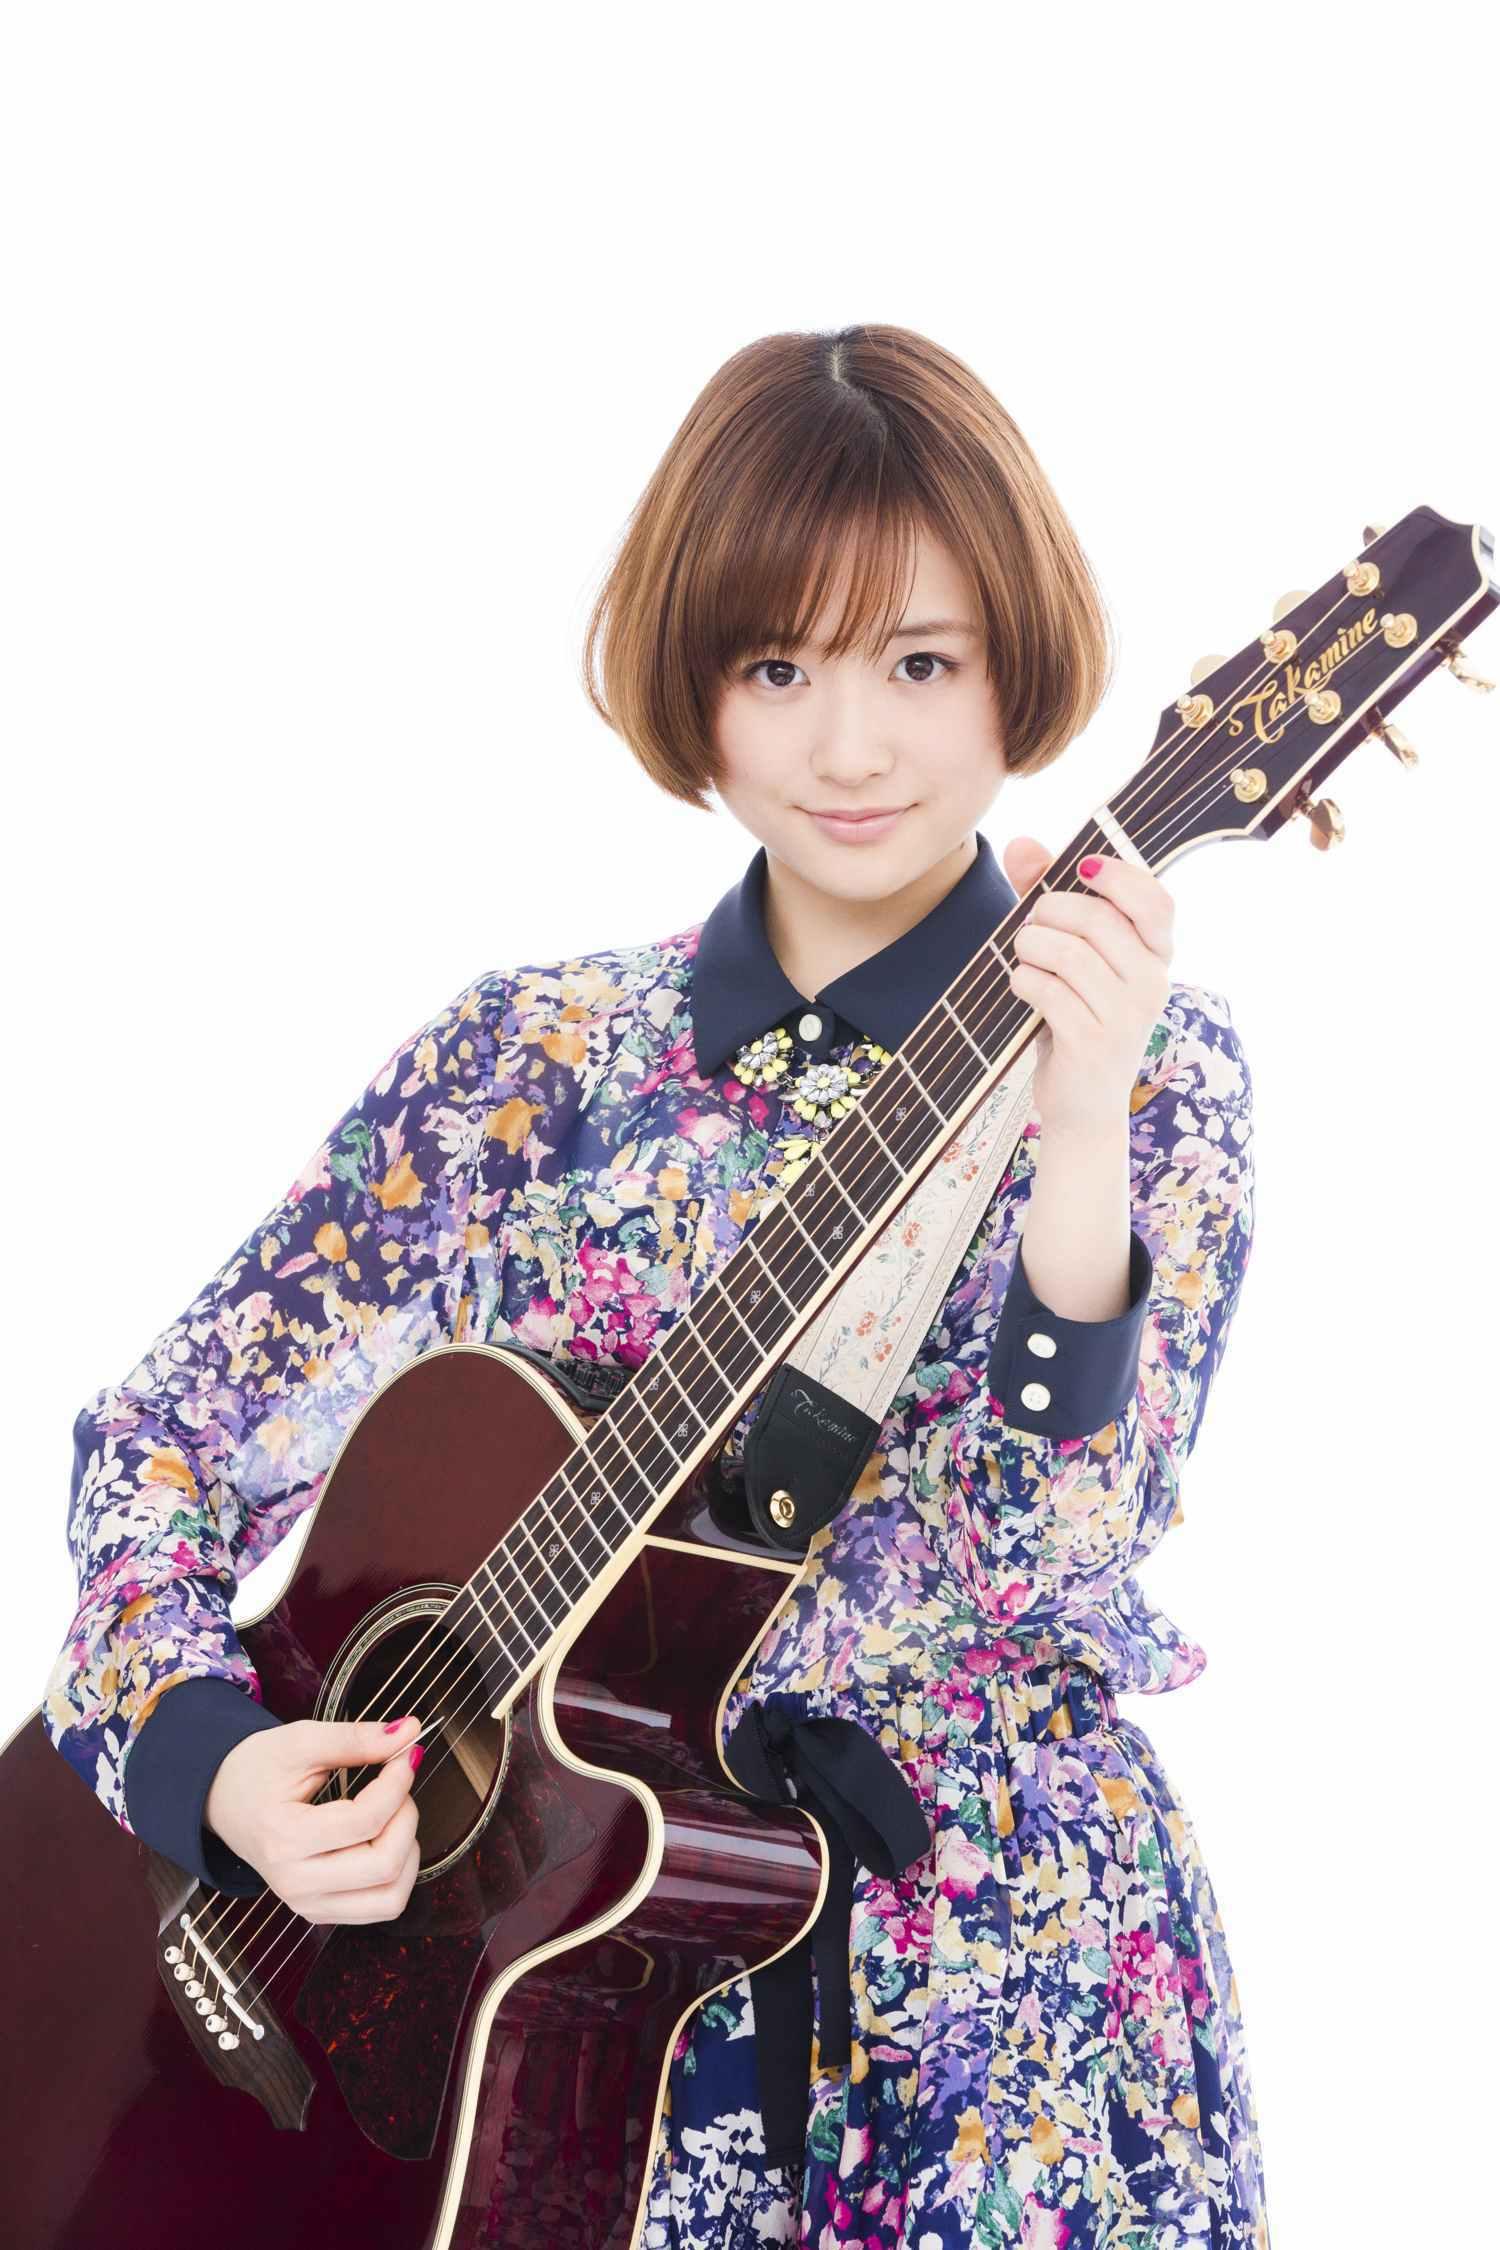 大原櫻子 From Mush Co 6月に カノ嘘 スピンオフシングル発売 Okmusic